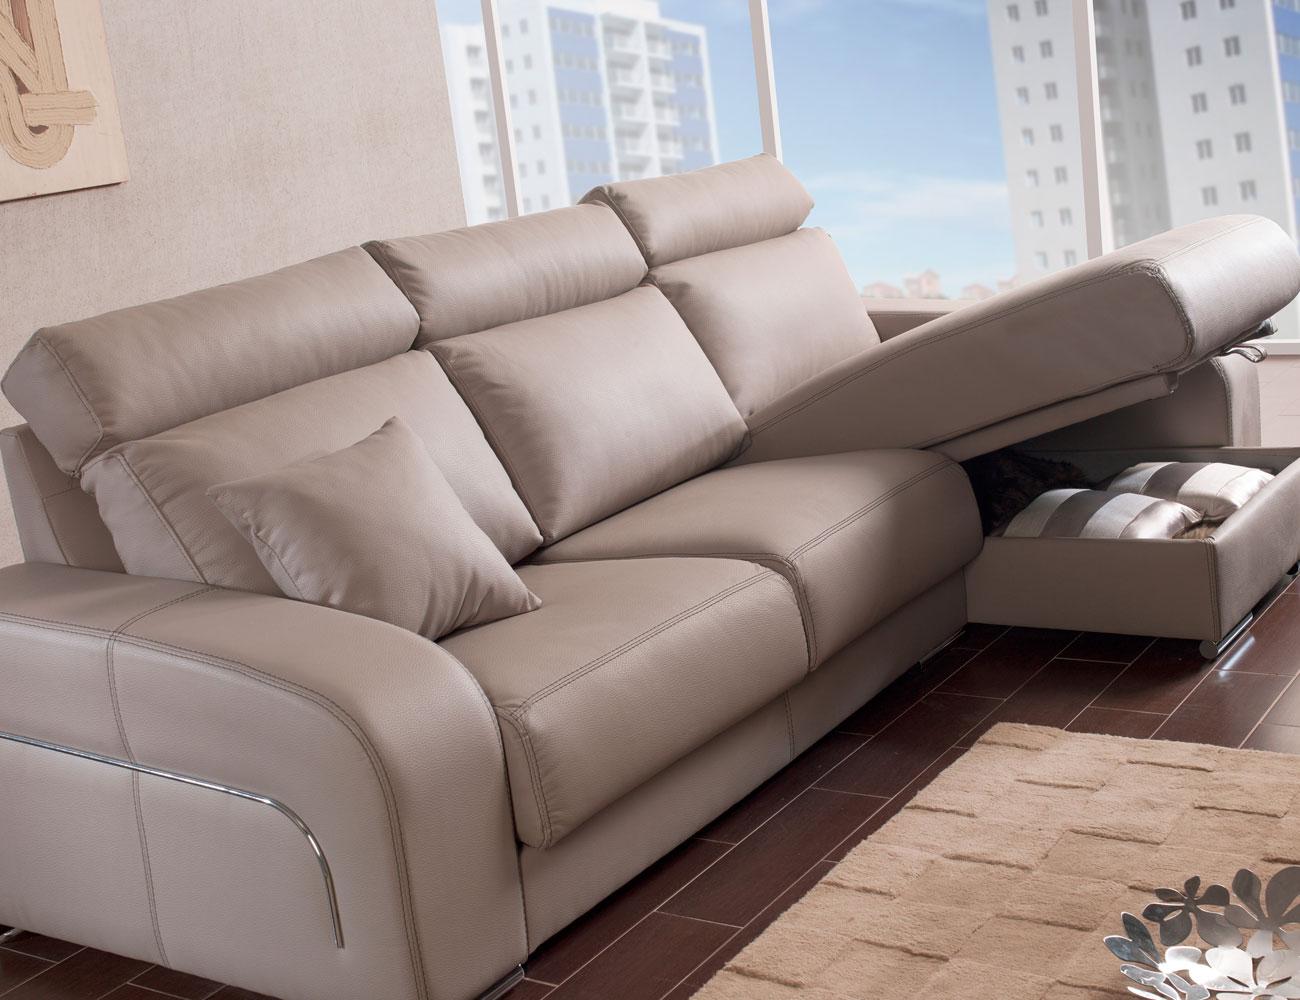 Sofa chaiselongue moderno pared cero arcon28